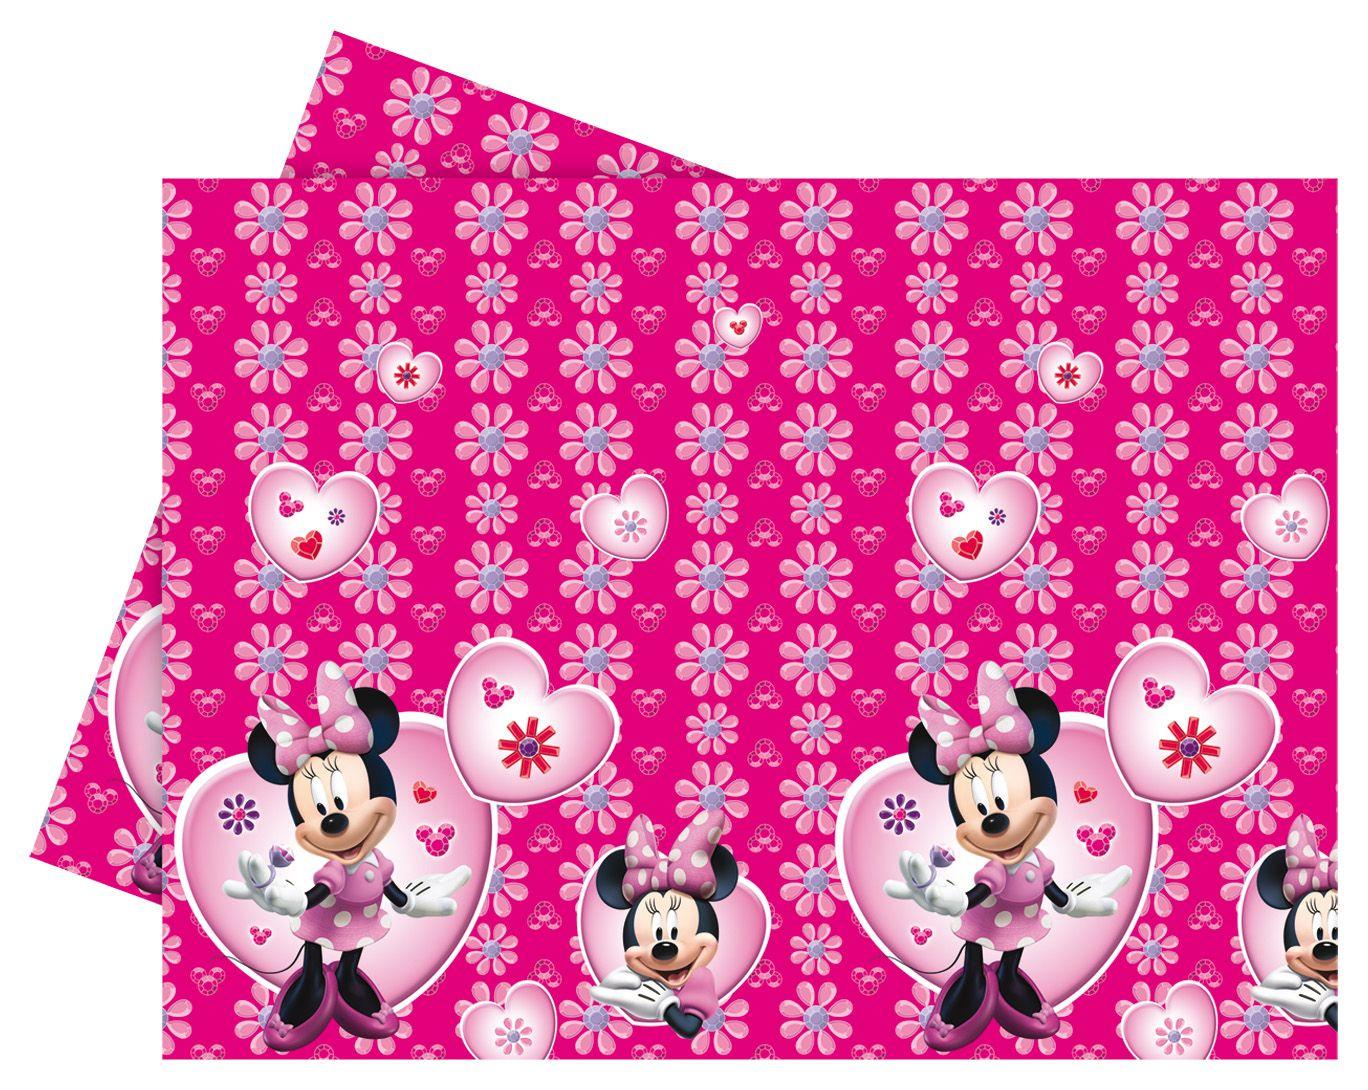 mantel de plstico con minnie mouse perfecto para vestir la mesa del cumpleaos